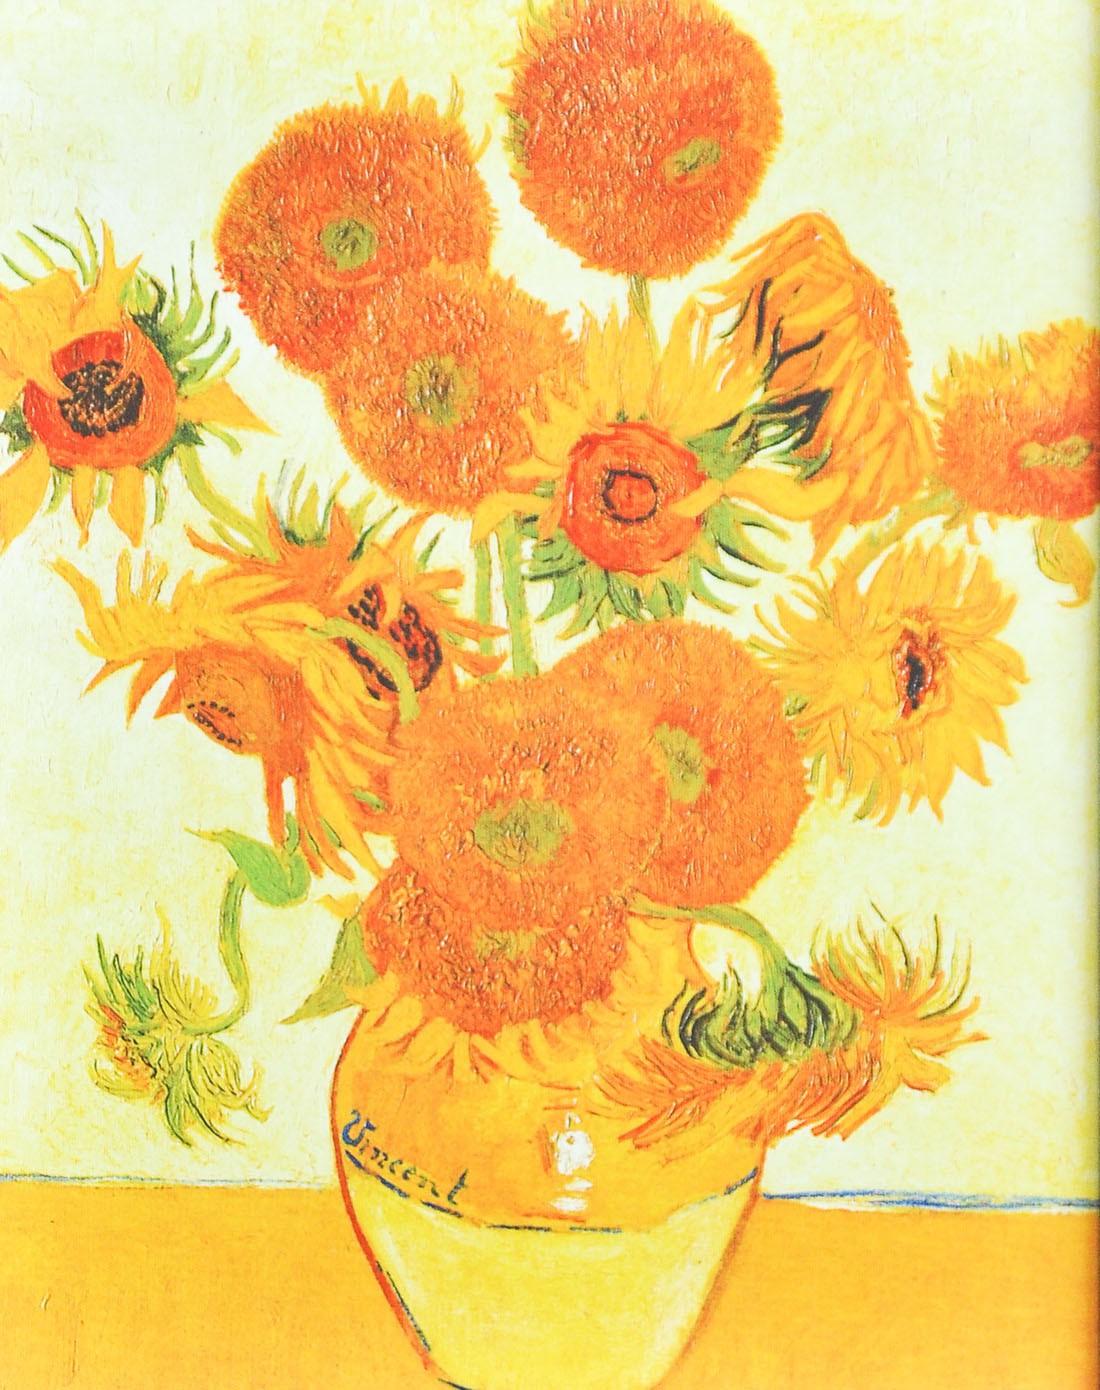 请问 梵高 向日葵 的历史价值是什么